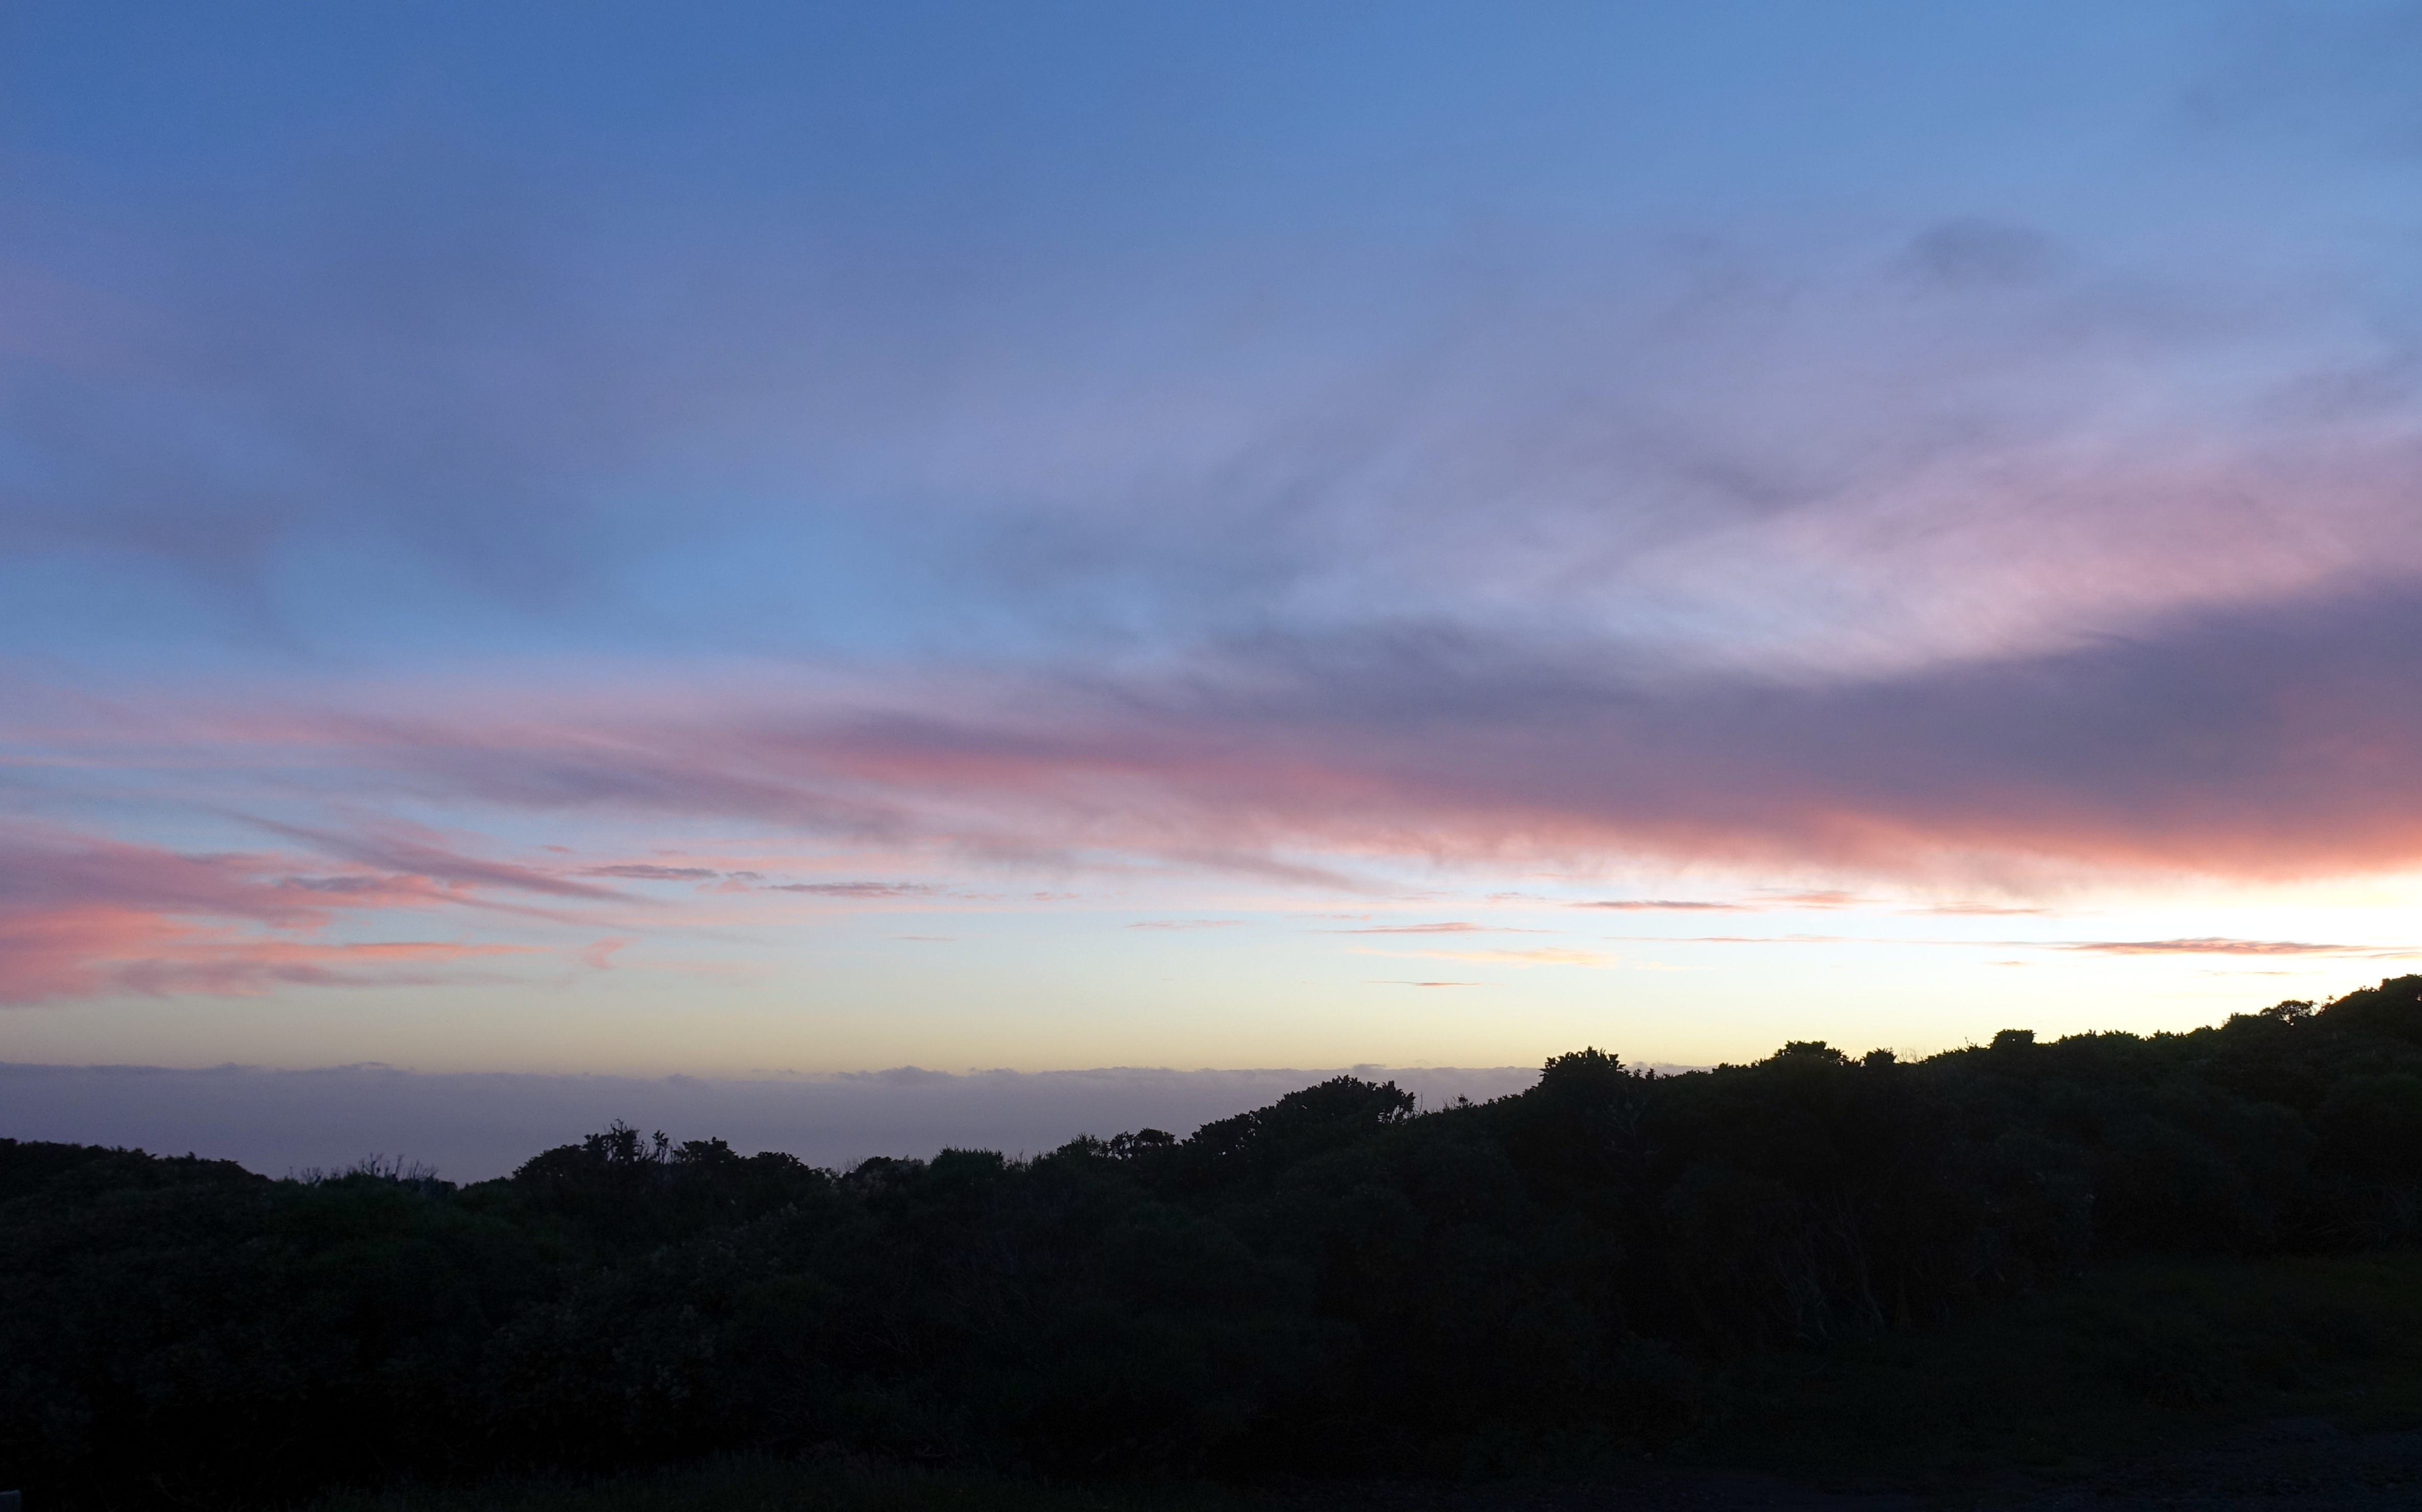 Kurz vorm Sonnenuntergang färbt sich der Himmel in Neuseeland lila. Nur ein schmaler goldener Strich ist am Horizont zu erkennen.